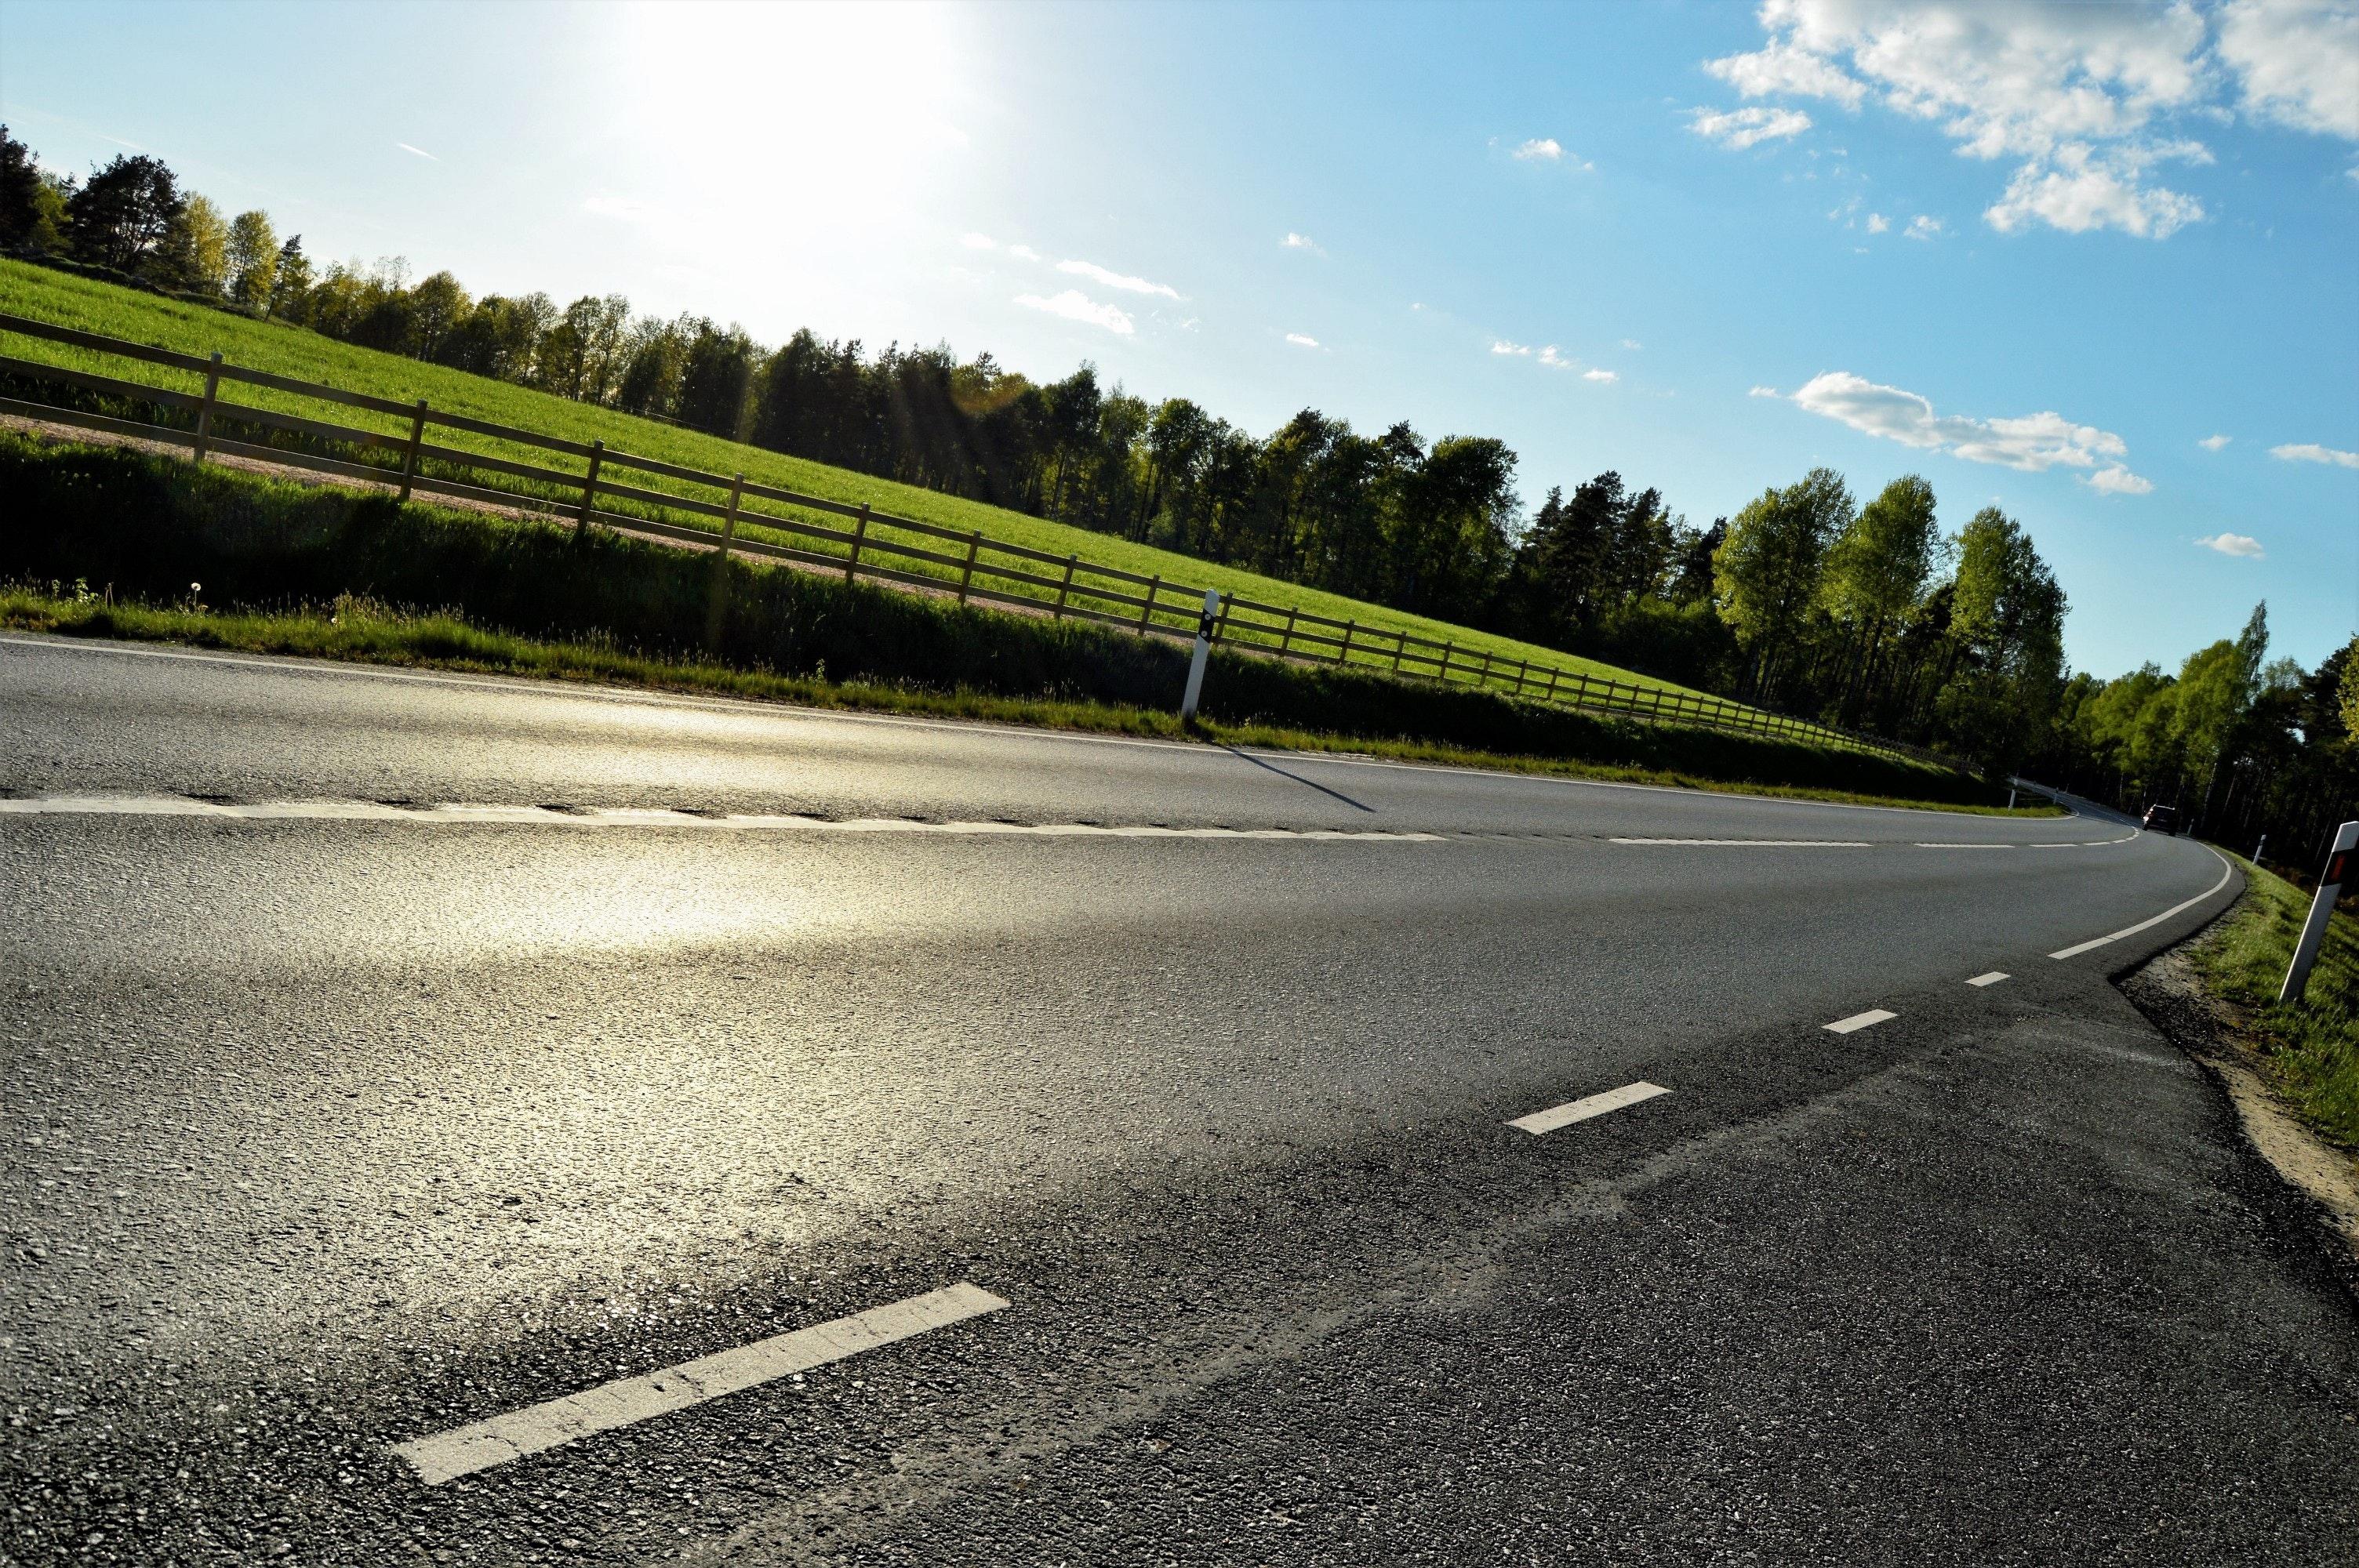 Nuo 2020 m. birželio 17 d. atnaujinamas tolimojo reguliaraus susisiekimo autobusų maršrutas